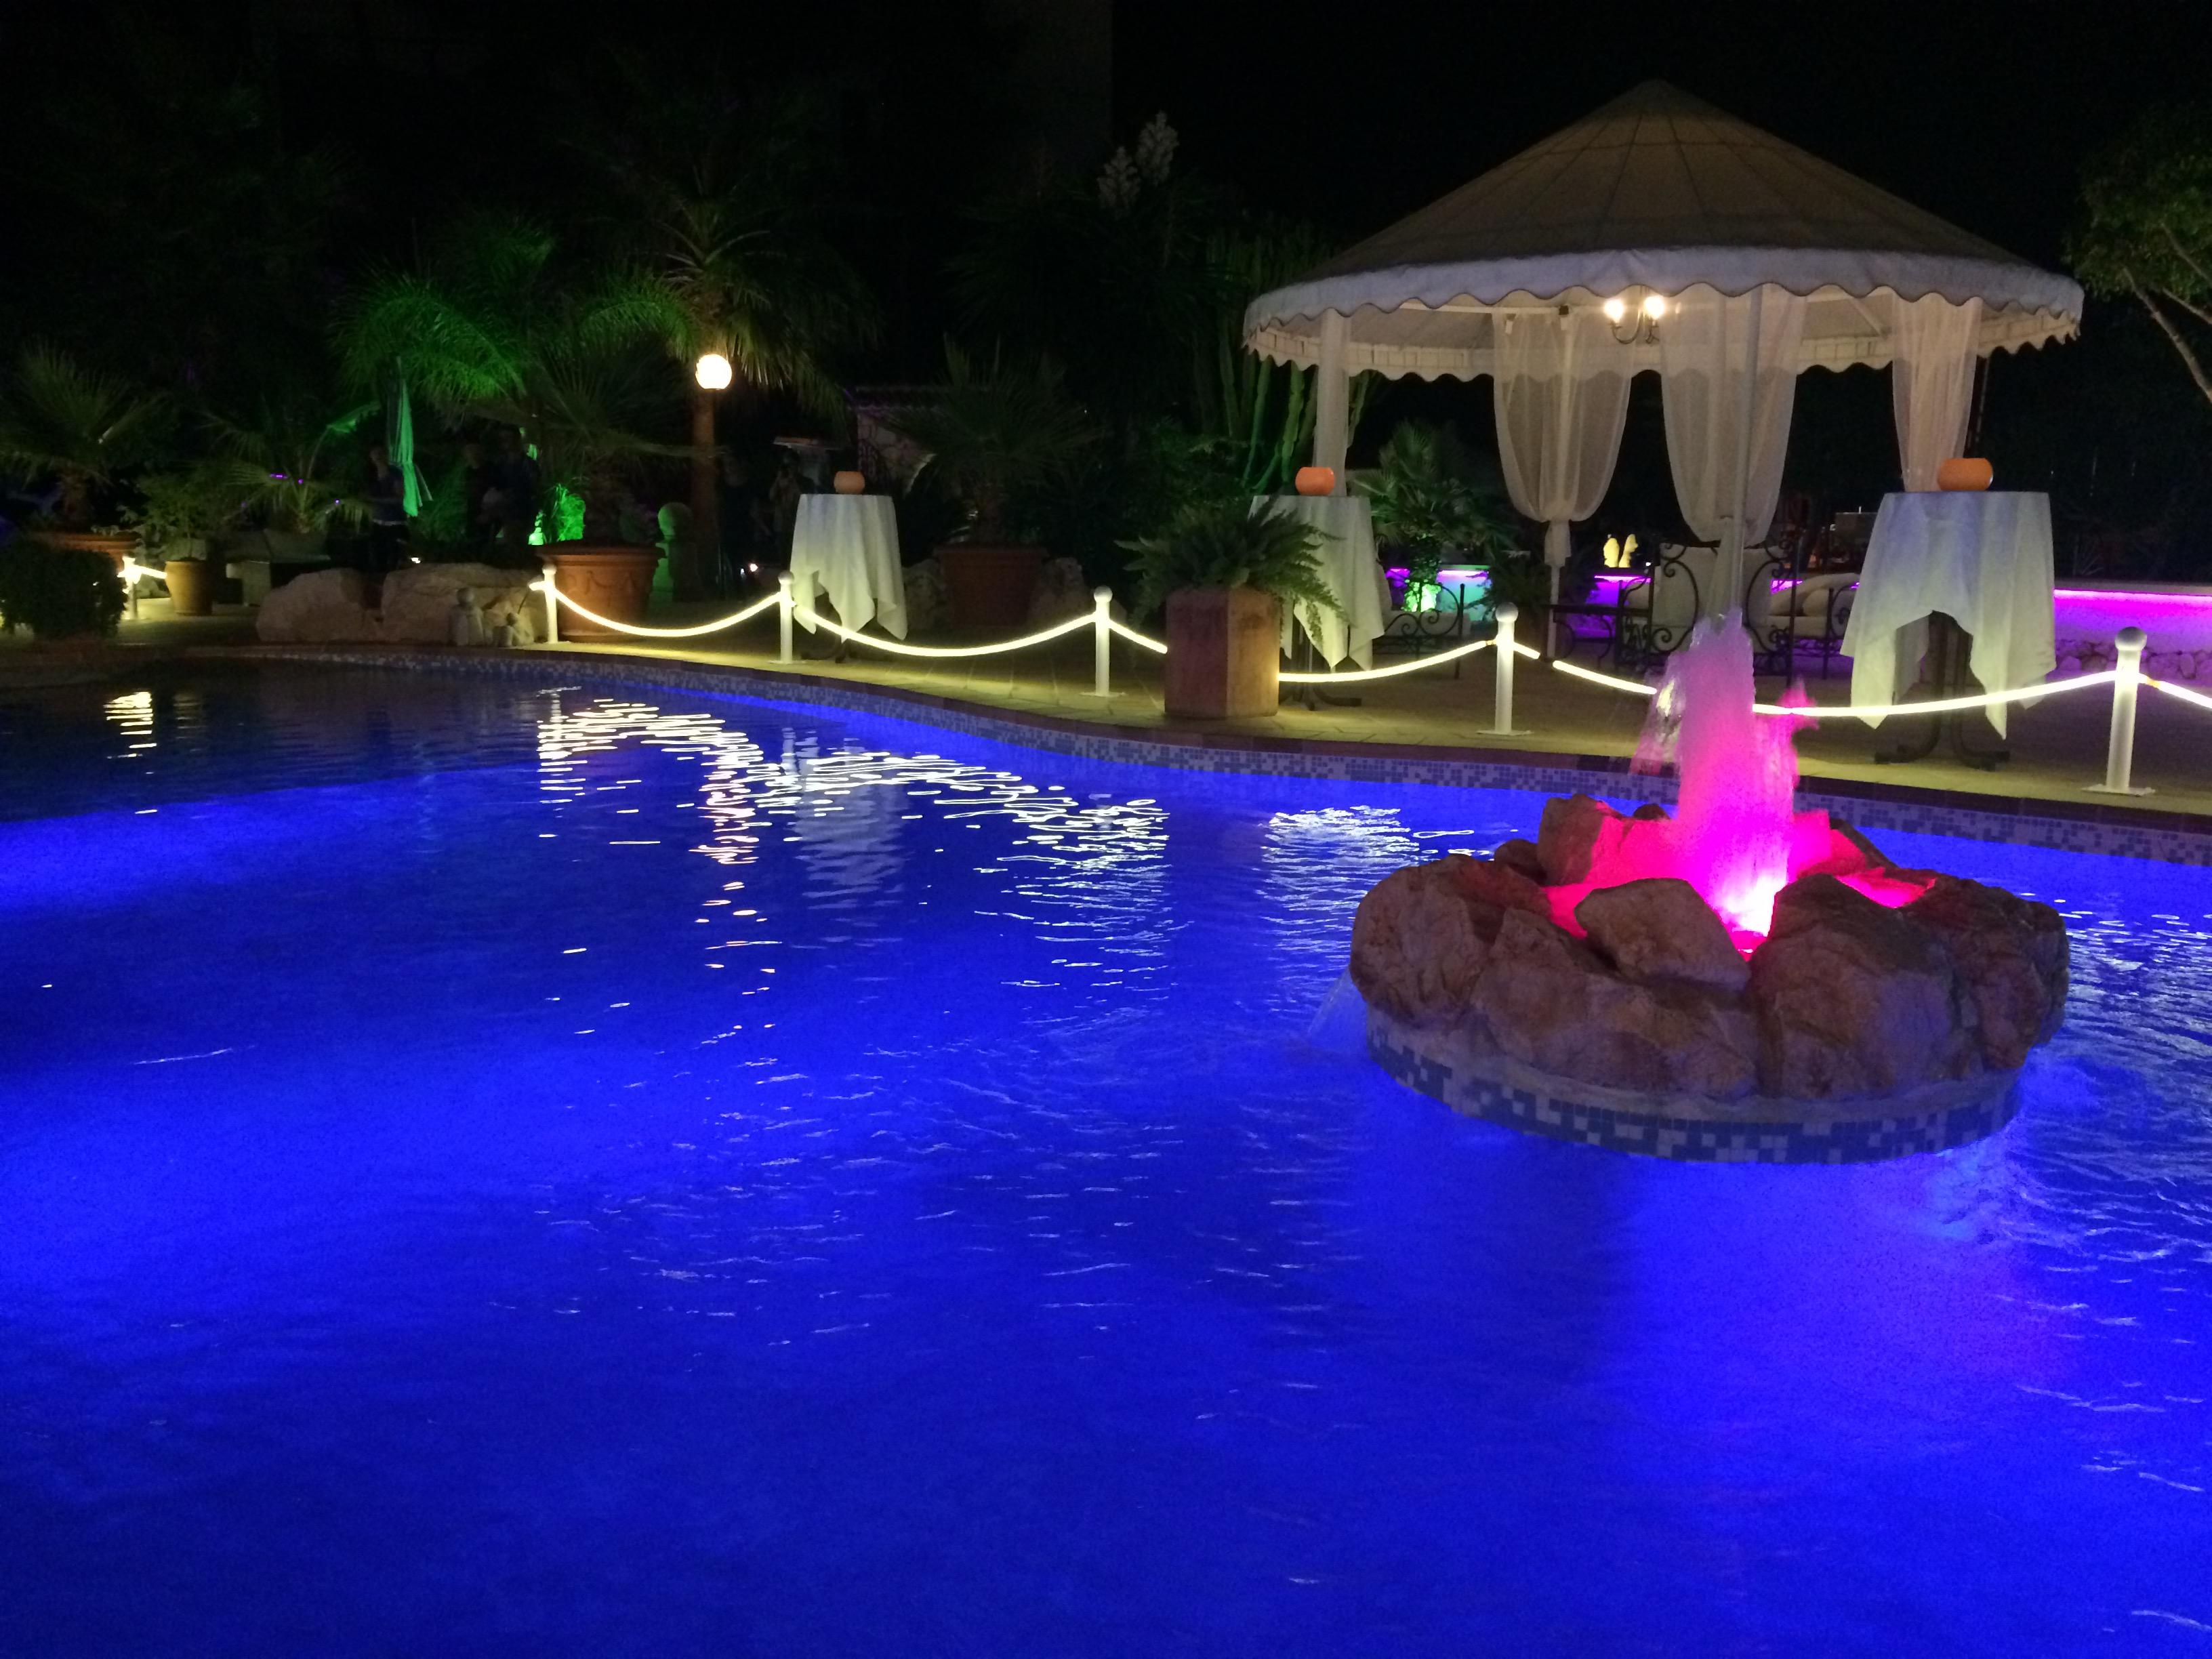 Restaurante Puerto Blanco, ideal für ein romantisches Abendessen in Calpe (Costa Blanca), Mario Schumacher Blog